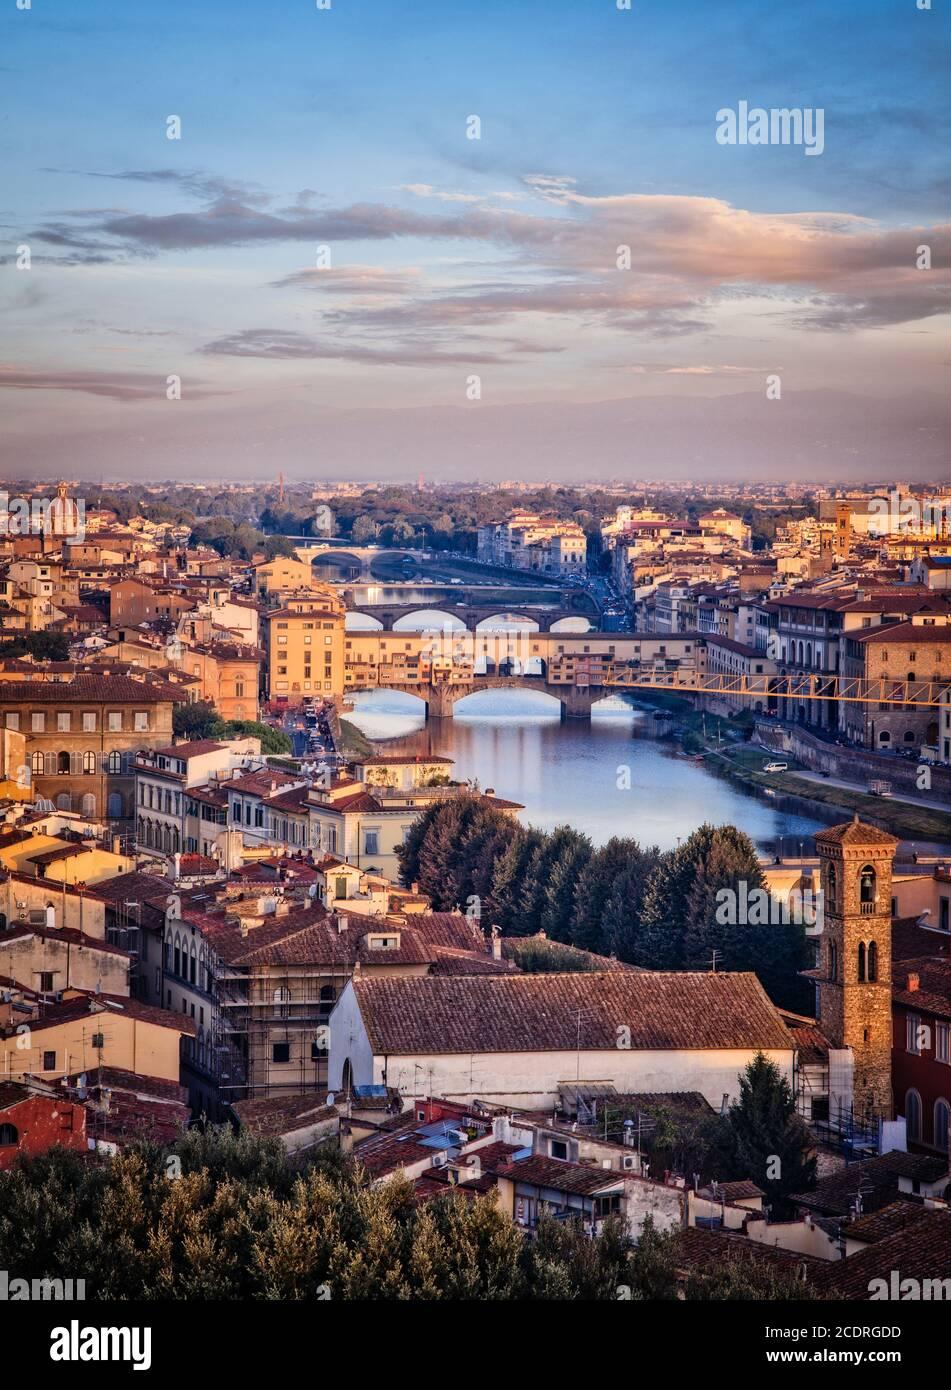 Die historische Skyline von Florenz und der Fluss Arno in der Toskana, Italien. Stockfoto